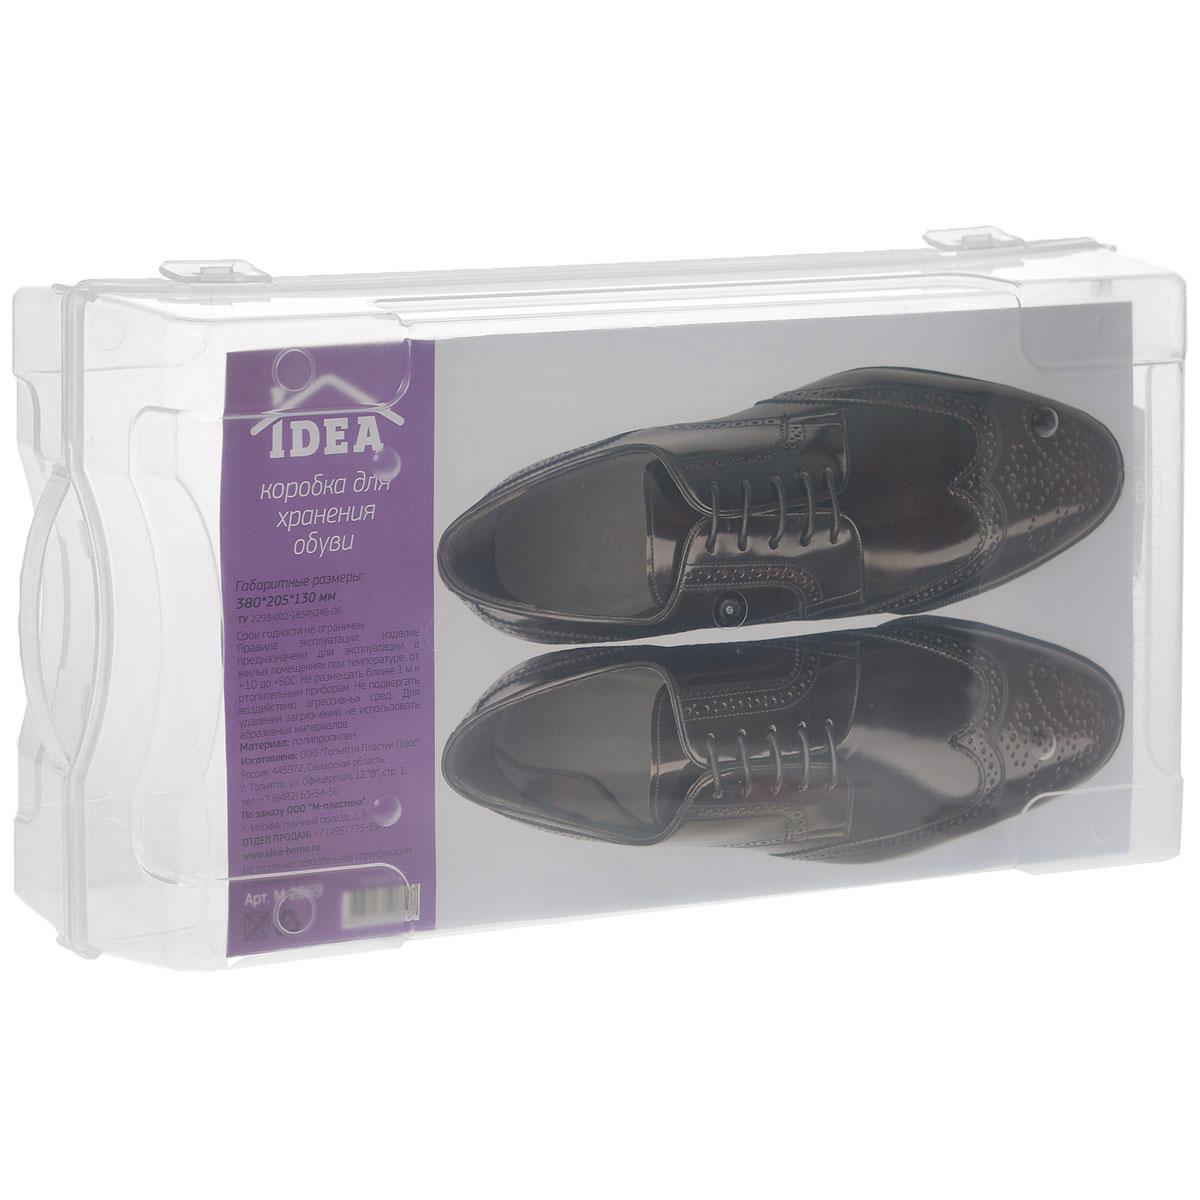 Коробка для хранения обуви Idea, 38 см х 20,5 см х 13 см1004900000360Коробка Idea изготовлена из прозрачного пластика. Изделие специально предназначено для хранения одной пары мужской обуви. Закрывается коробка на две защелки.Коробка имеет ручку для удобства ее транспортировки.Коробка для хранения Idea - идеальное решение для аккуратного хранения вашей обуви. Уважаемые клиенты! Обращаем ваше внимание на тот факт, чтокоробка поставляется в собранном виде.